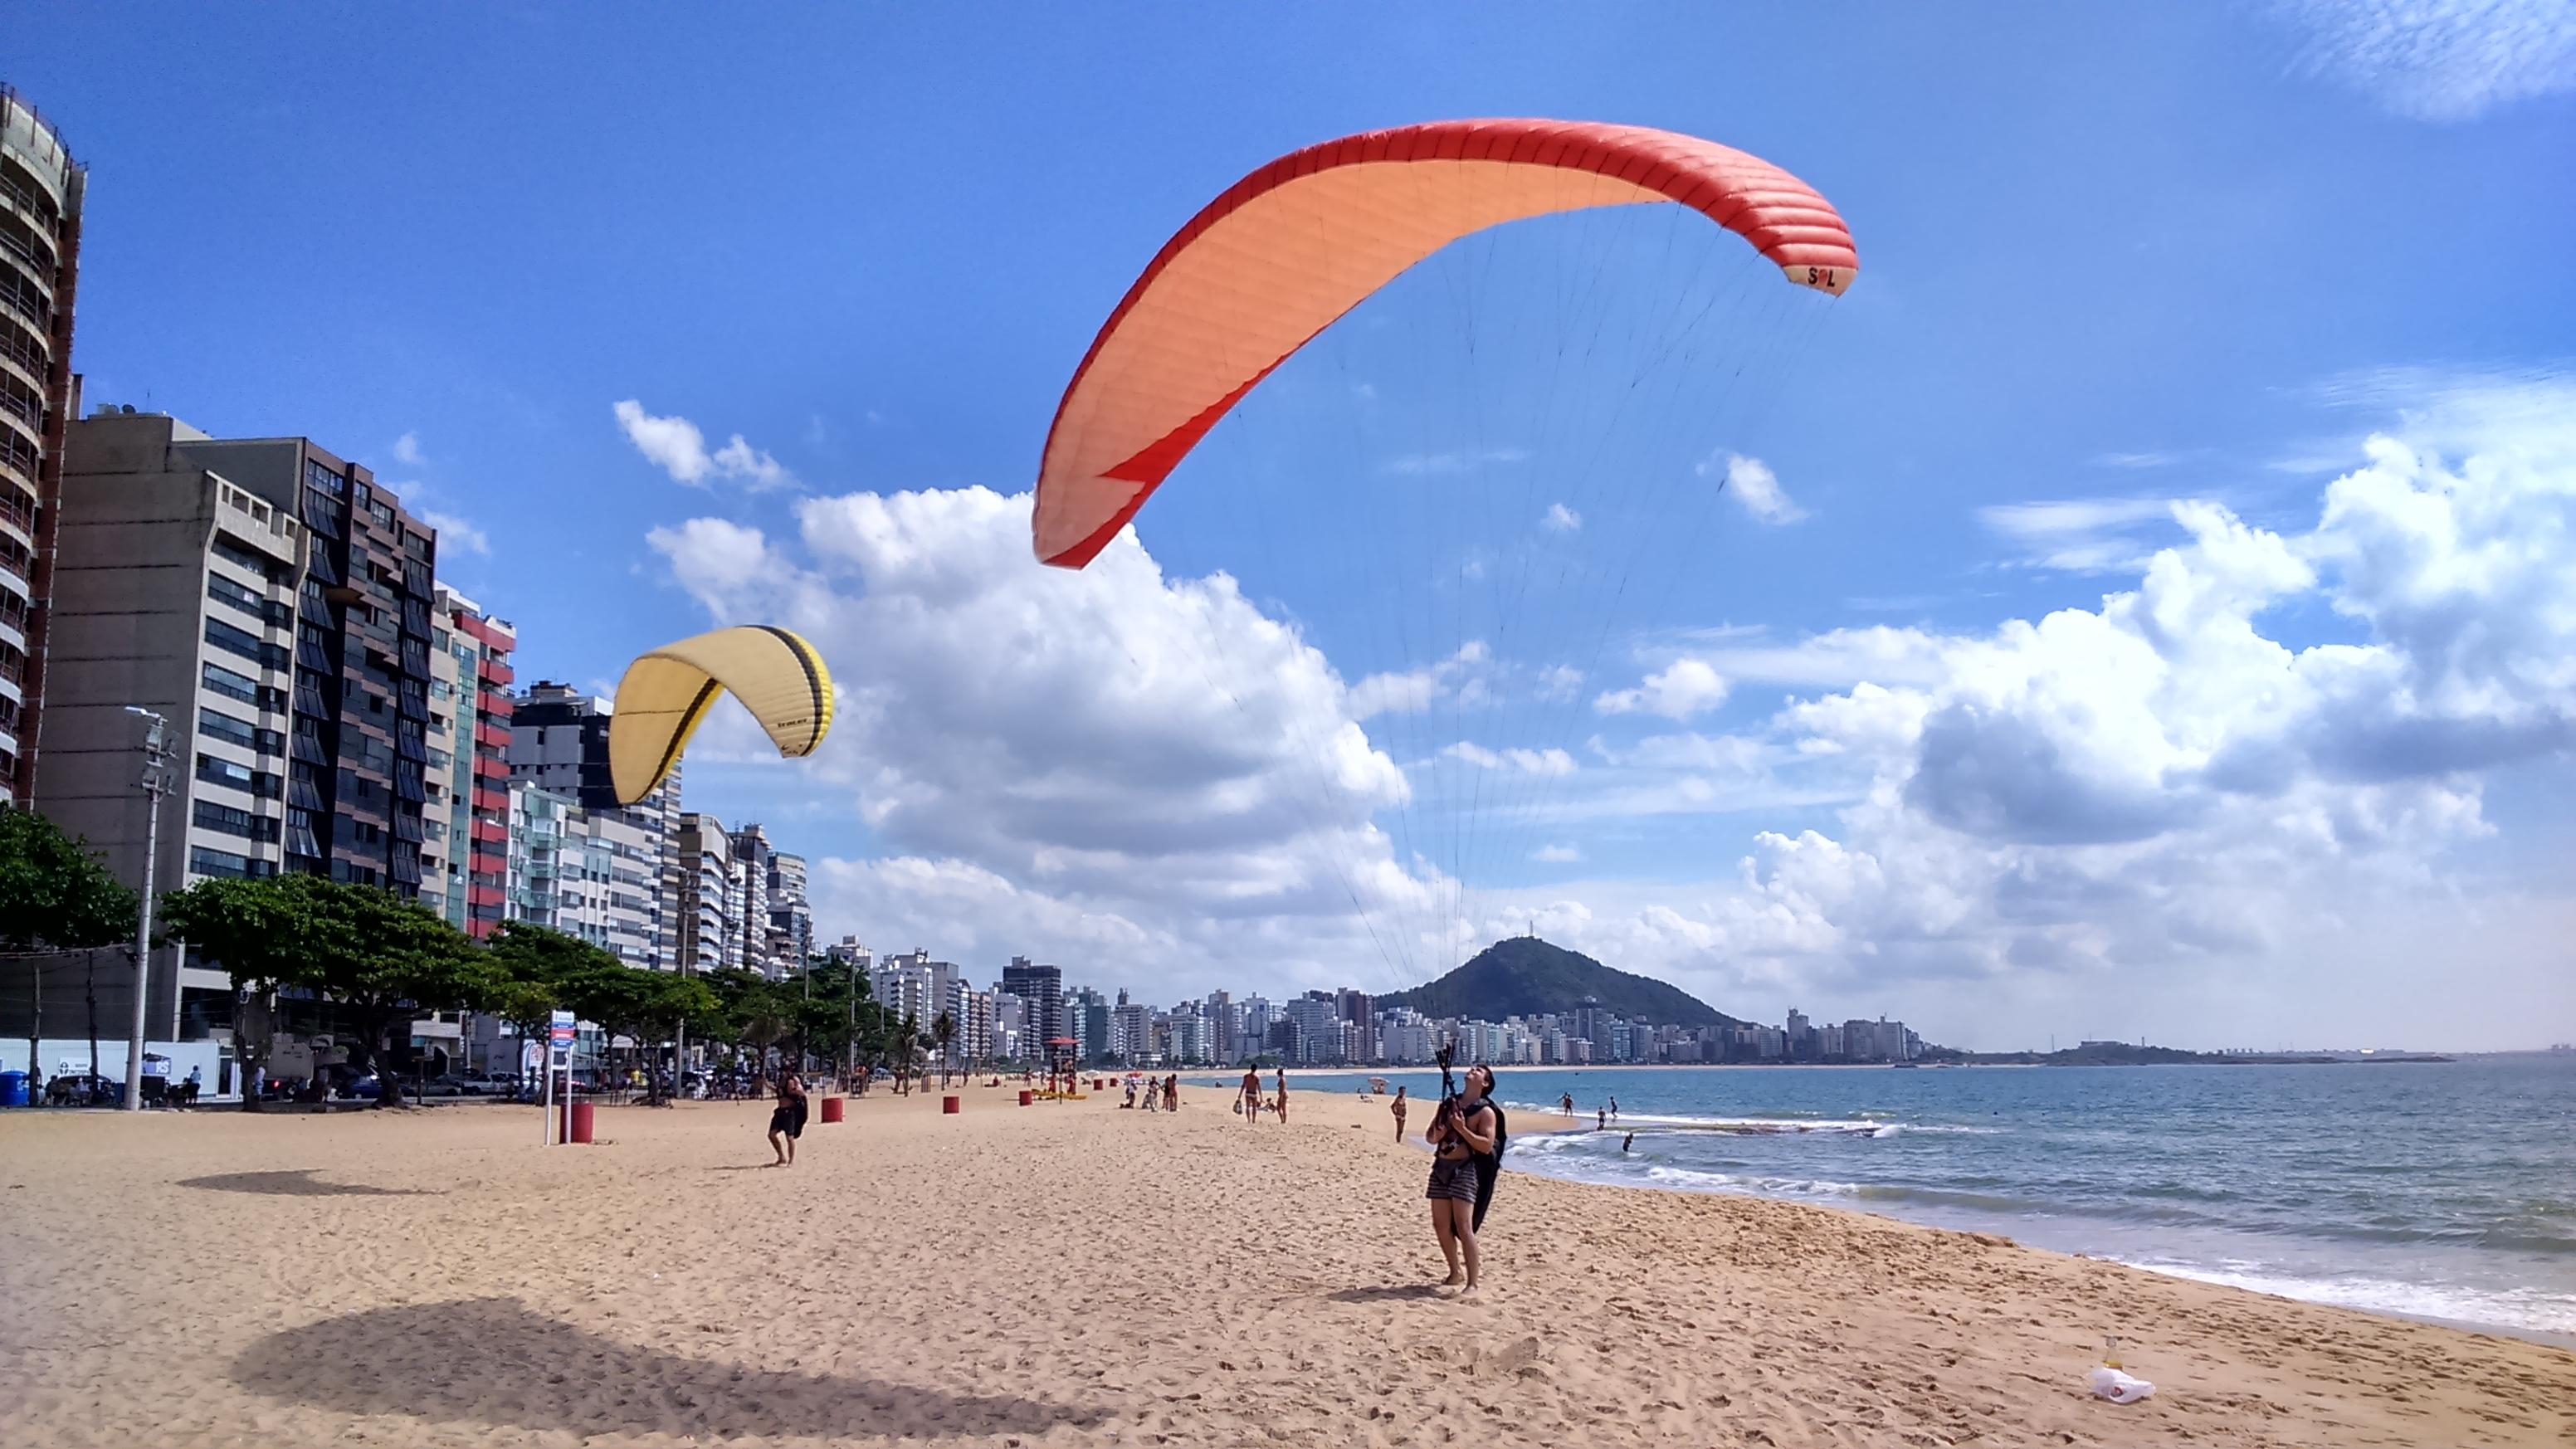 Praia de Itapoã. Vila Velha - ES.